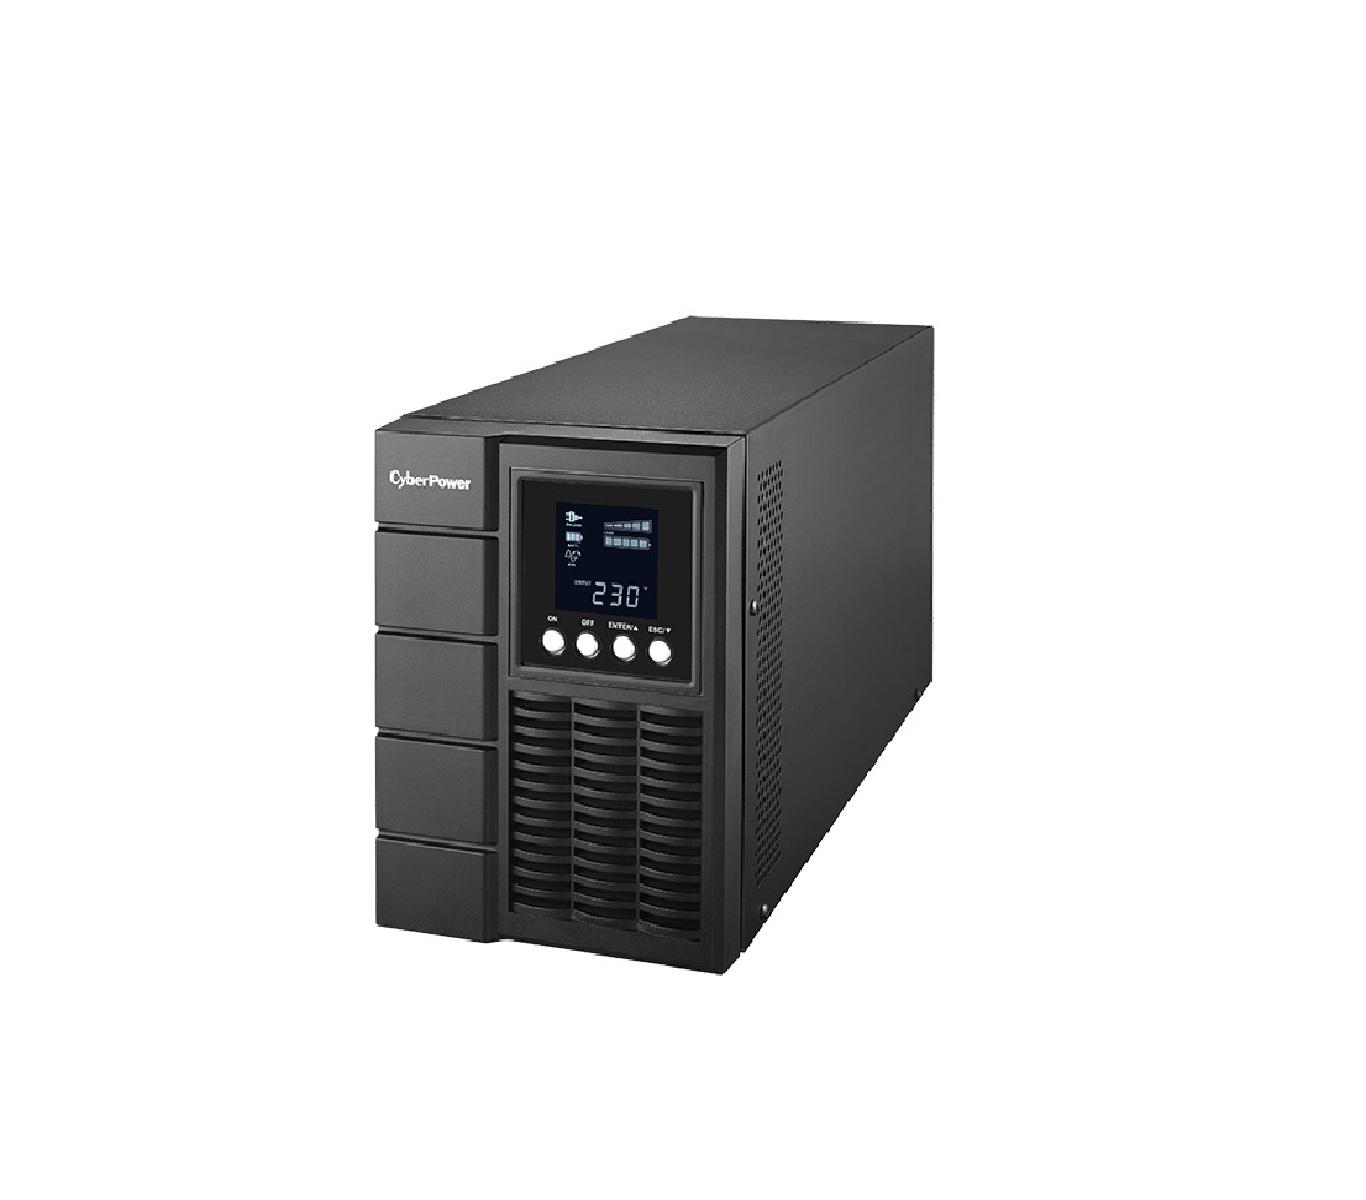 Nguồn lưu điện UPS CyberPower OLS1500E 1500VA/1350W